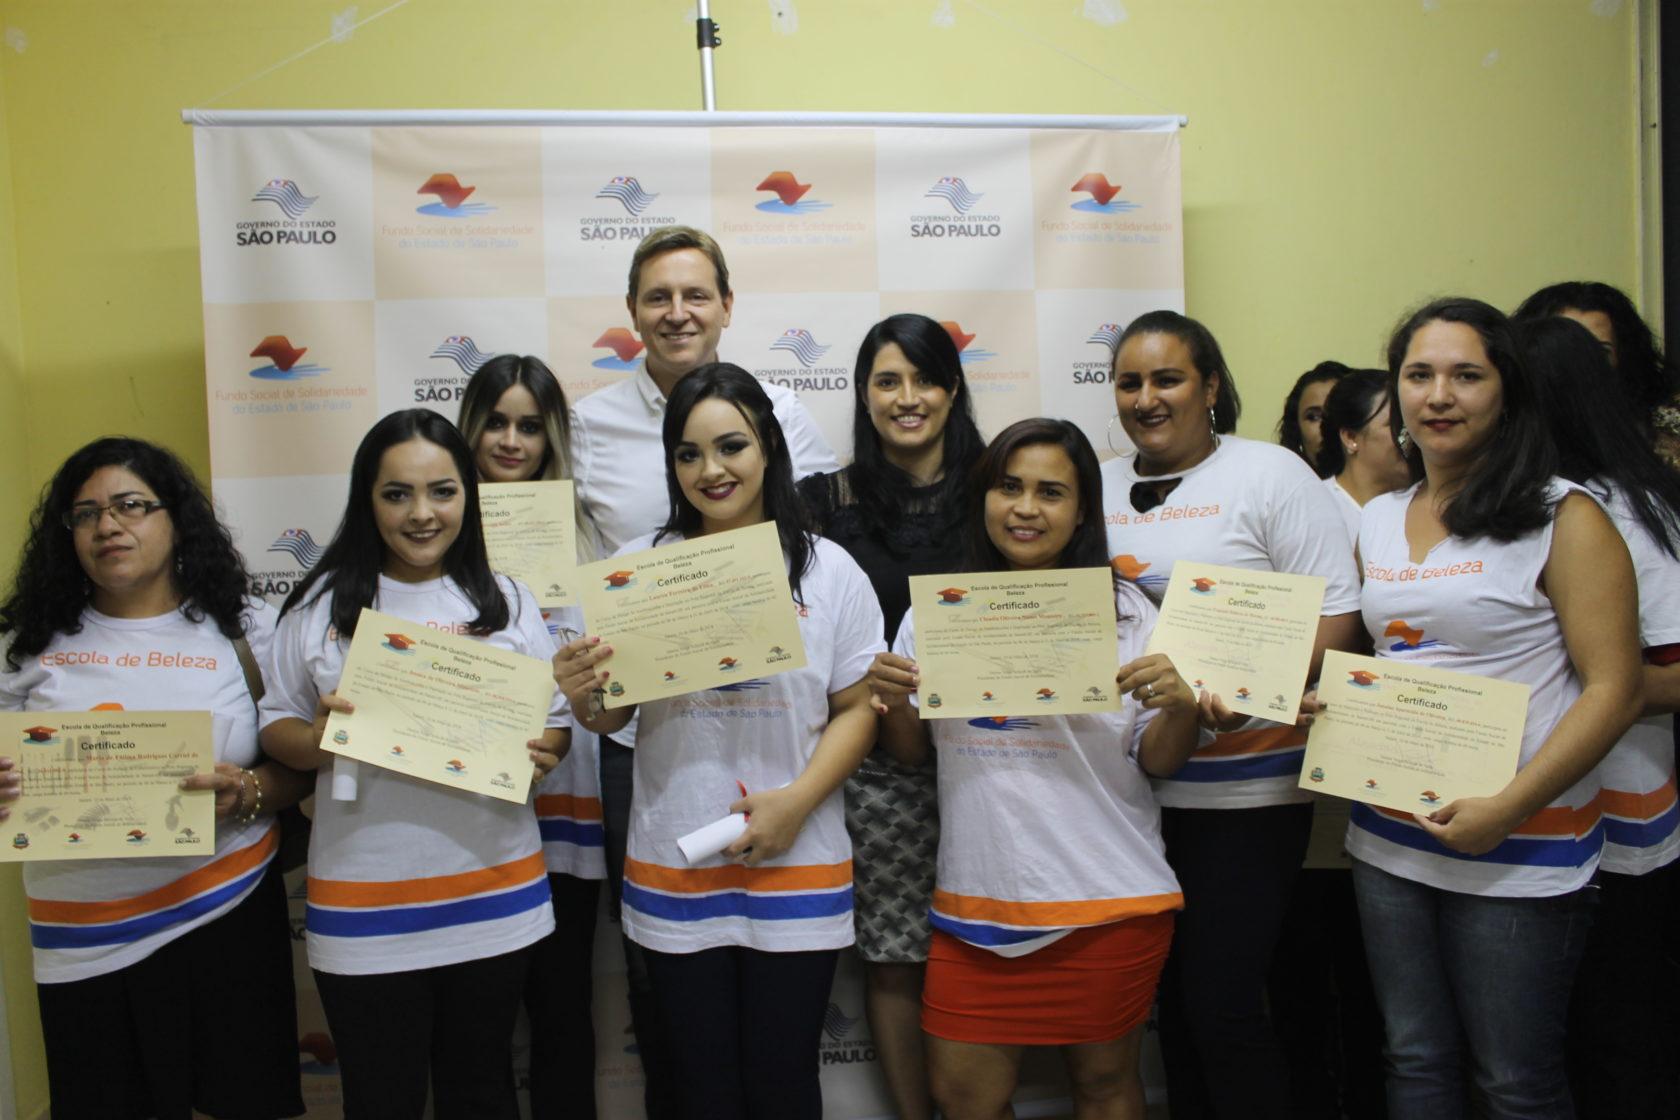 Prefeito e primeira-dama de Itararé (SP) entregam certificados à segunda turma de formandos das escolas da Beleza e Construção Civil